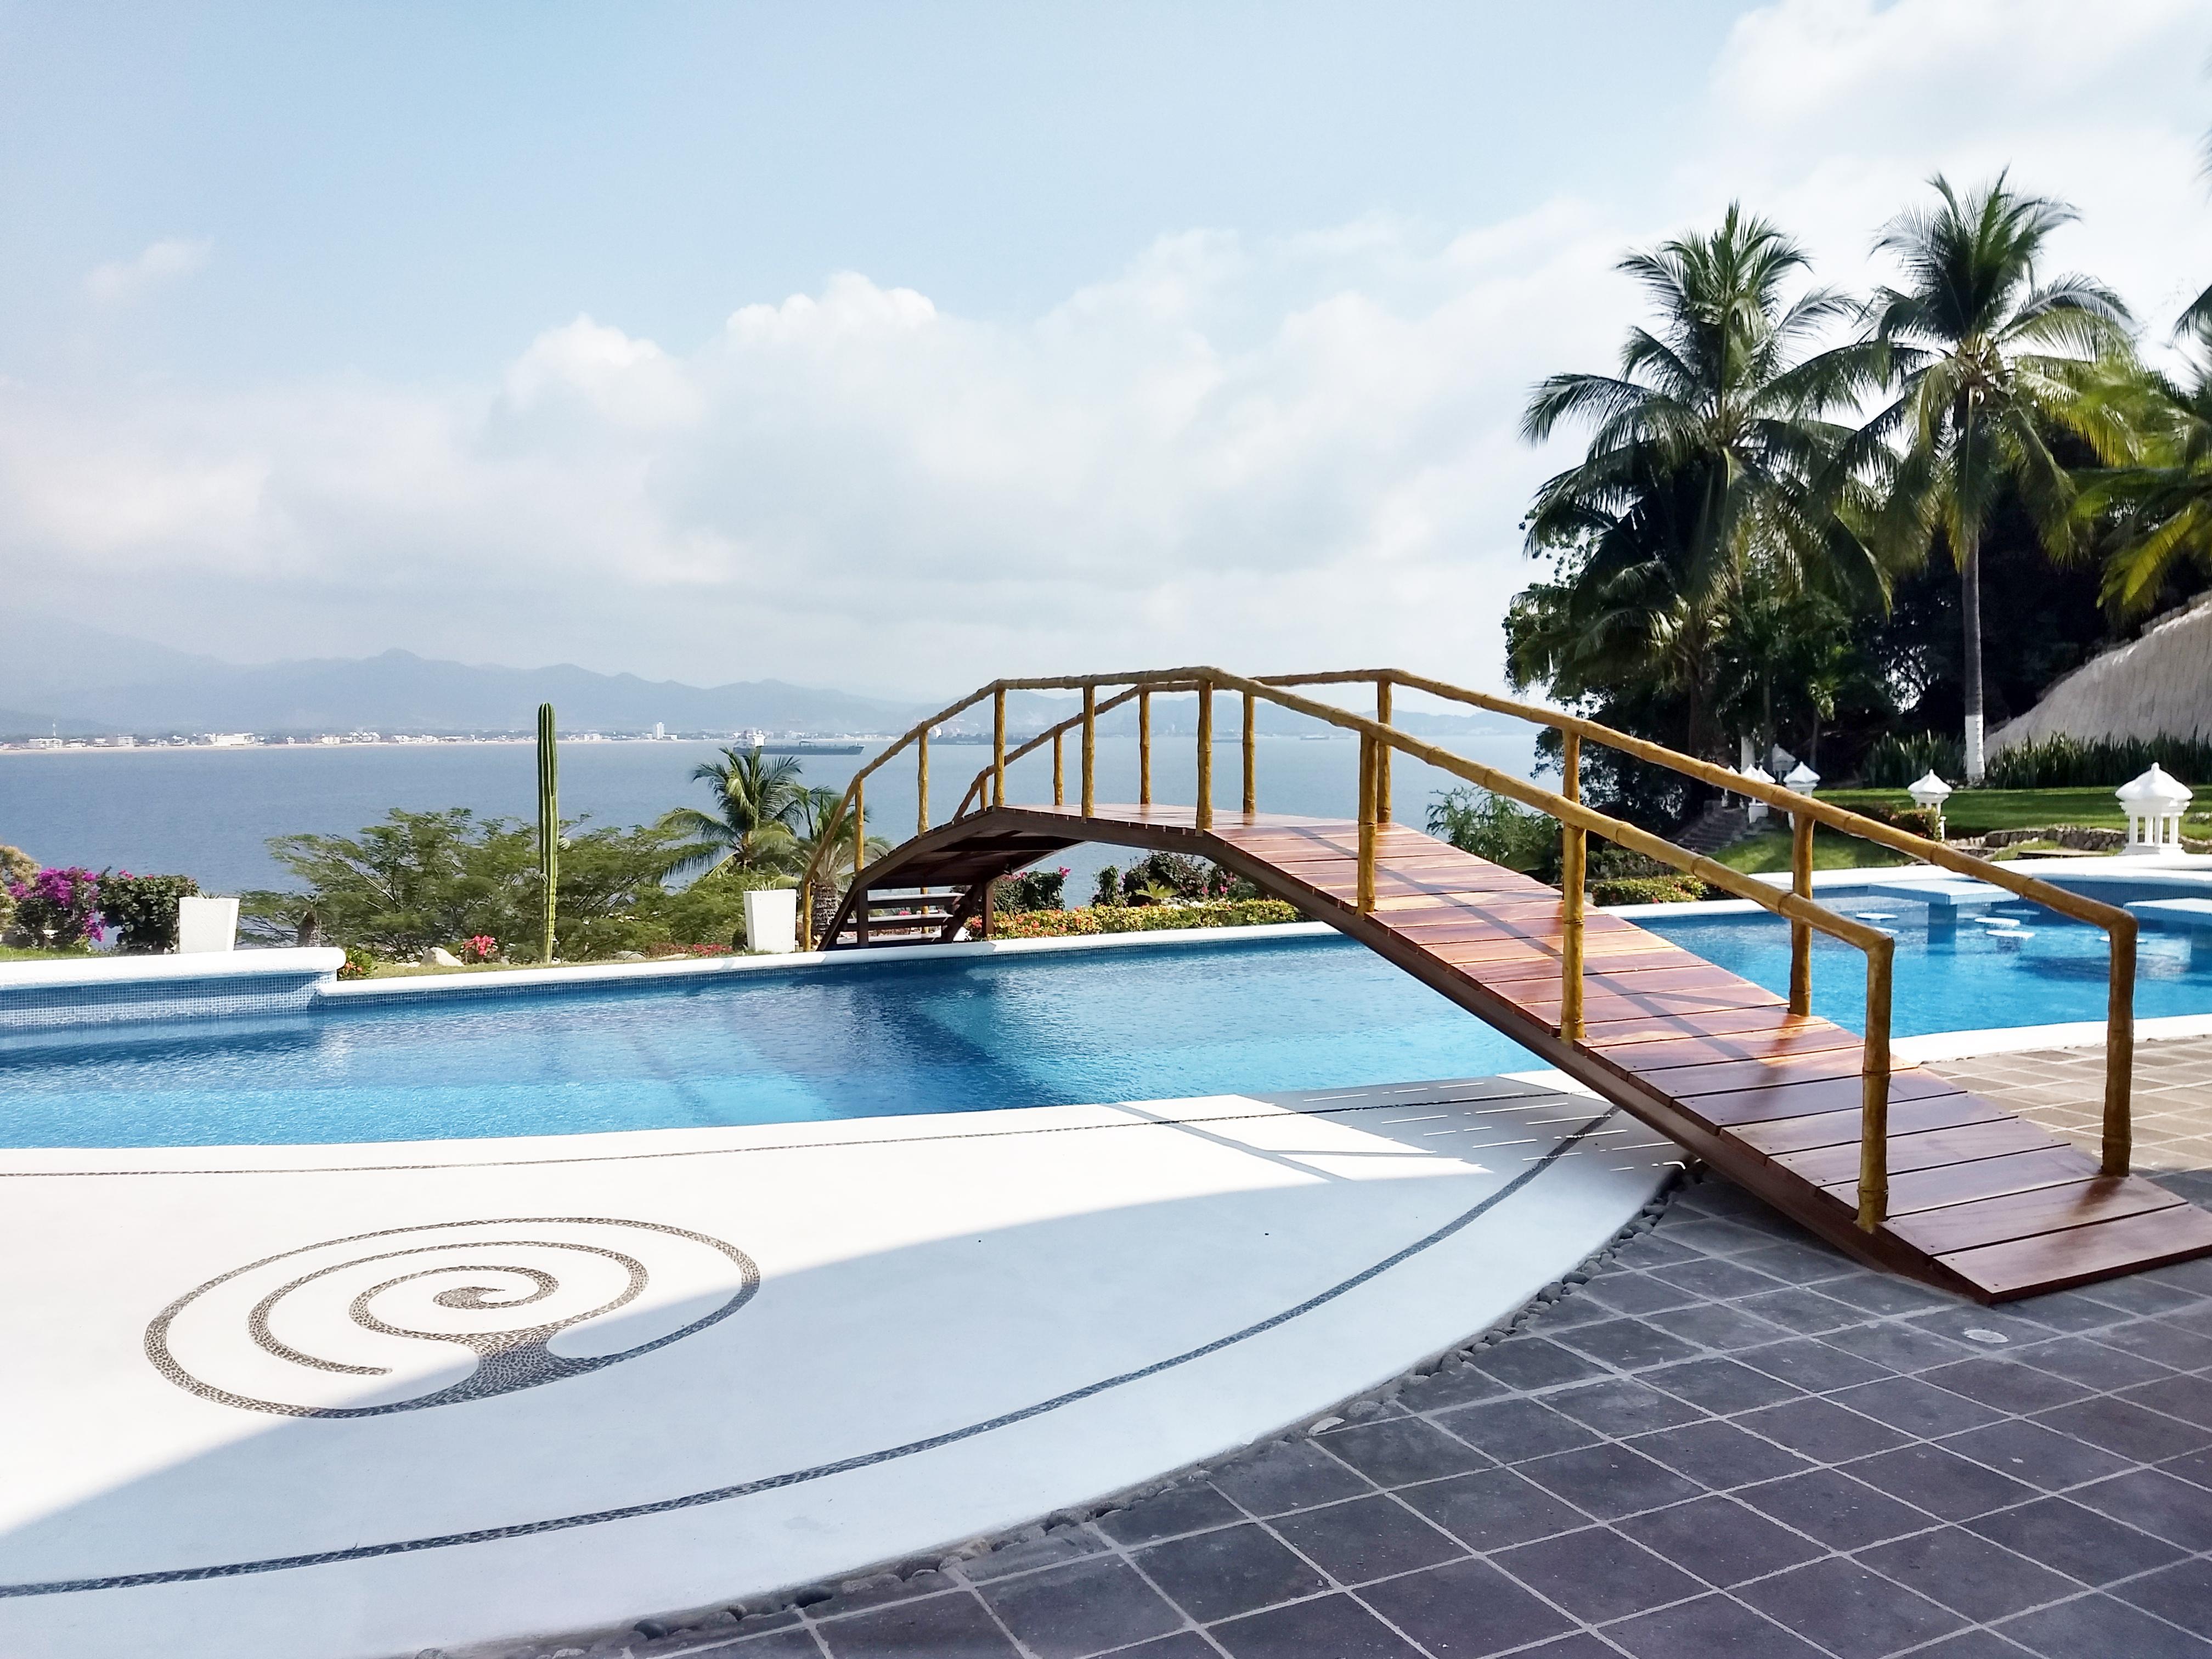 pool_bridge_bay